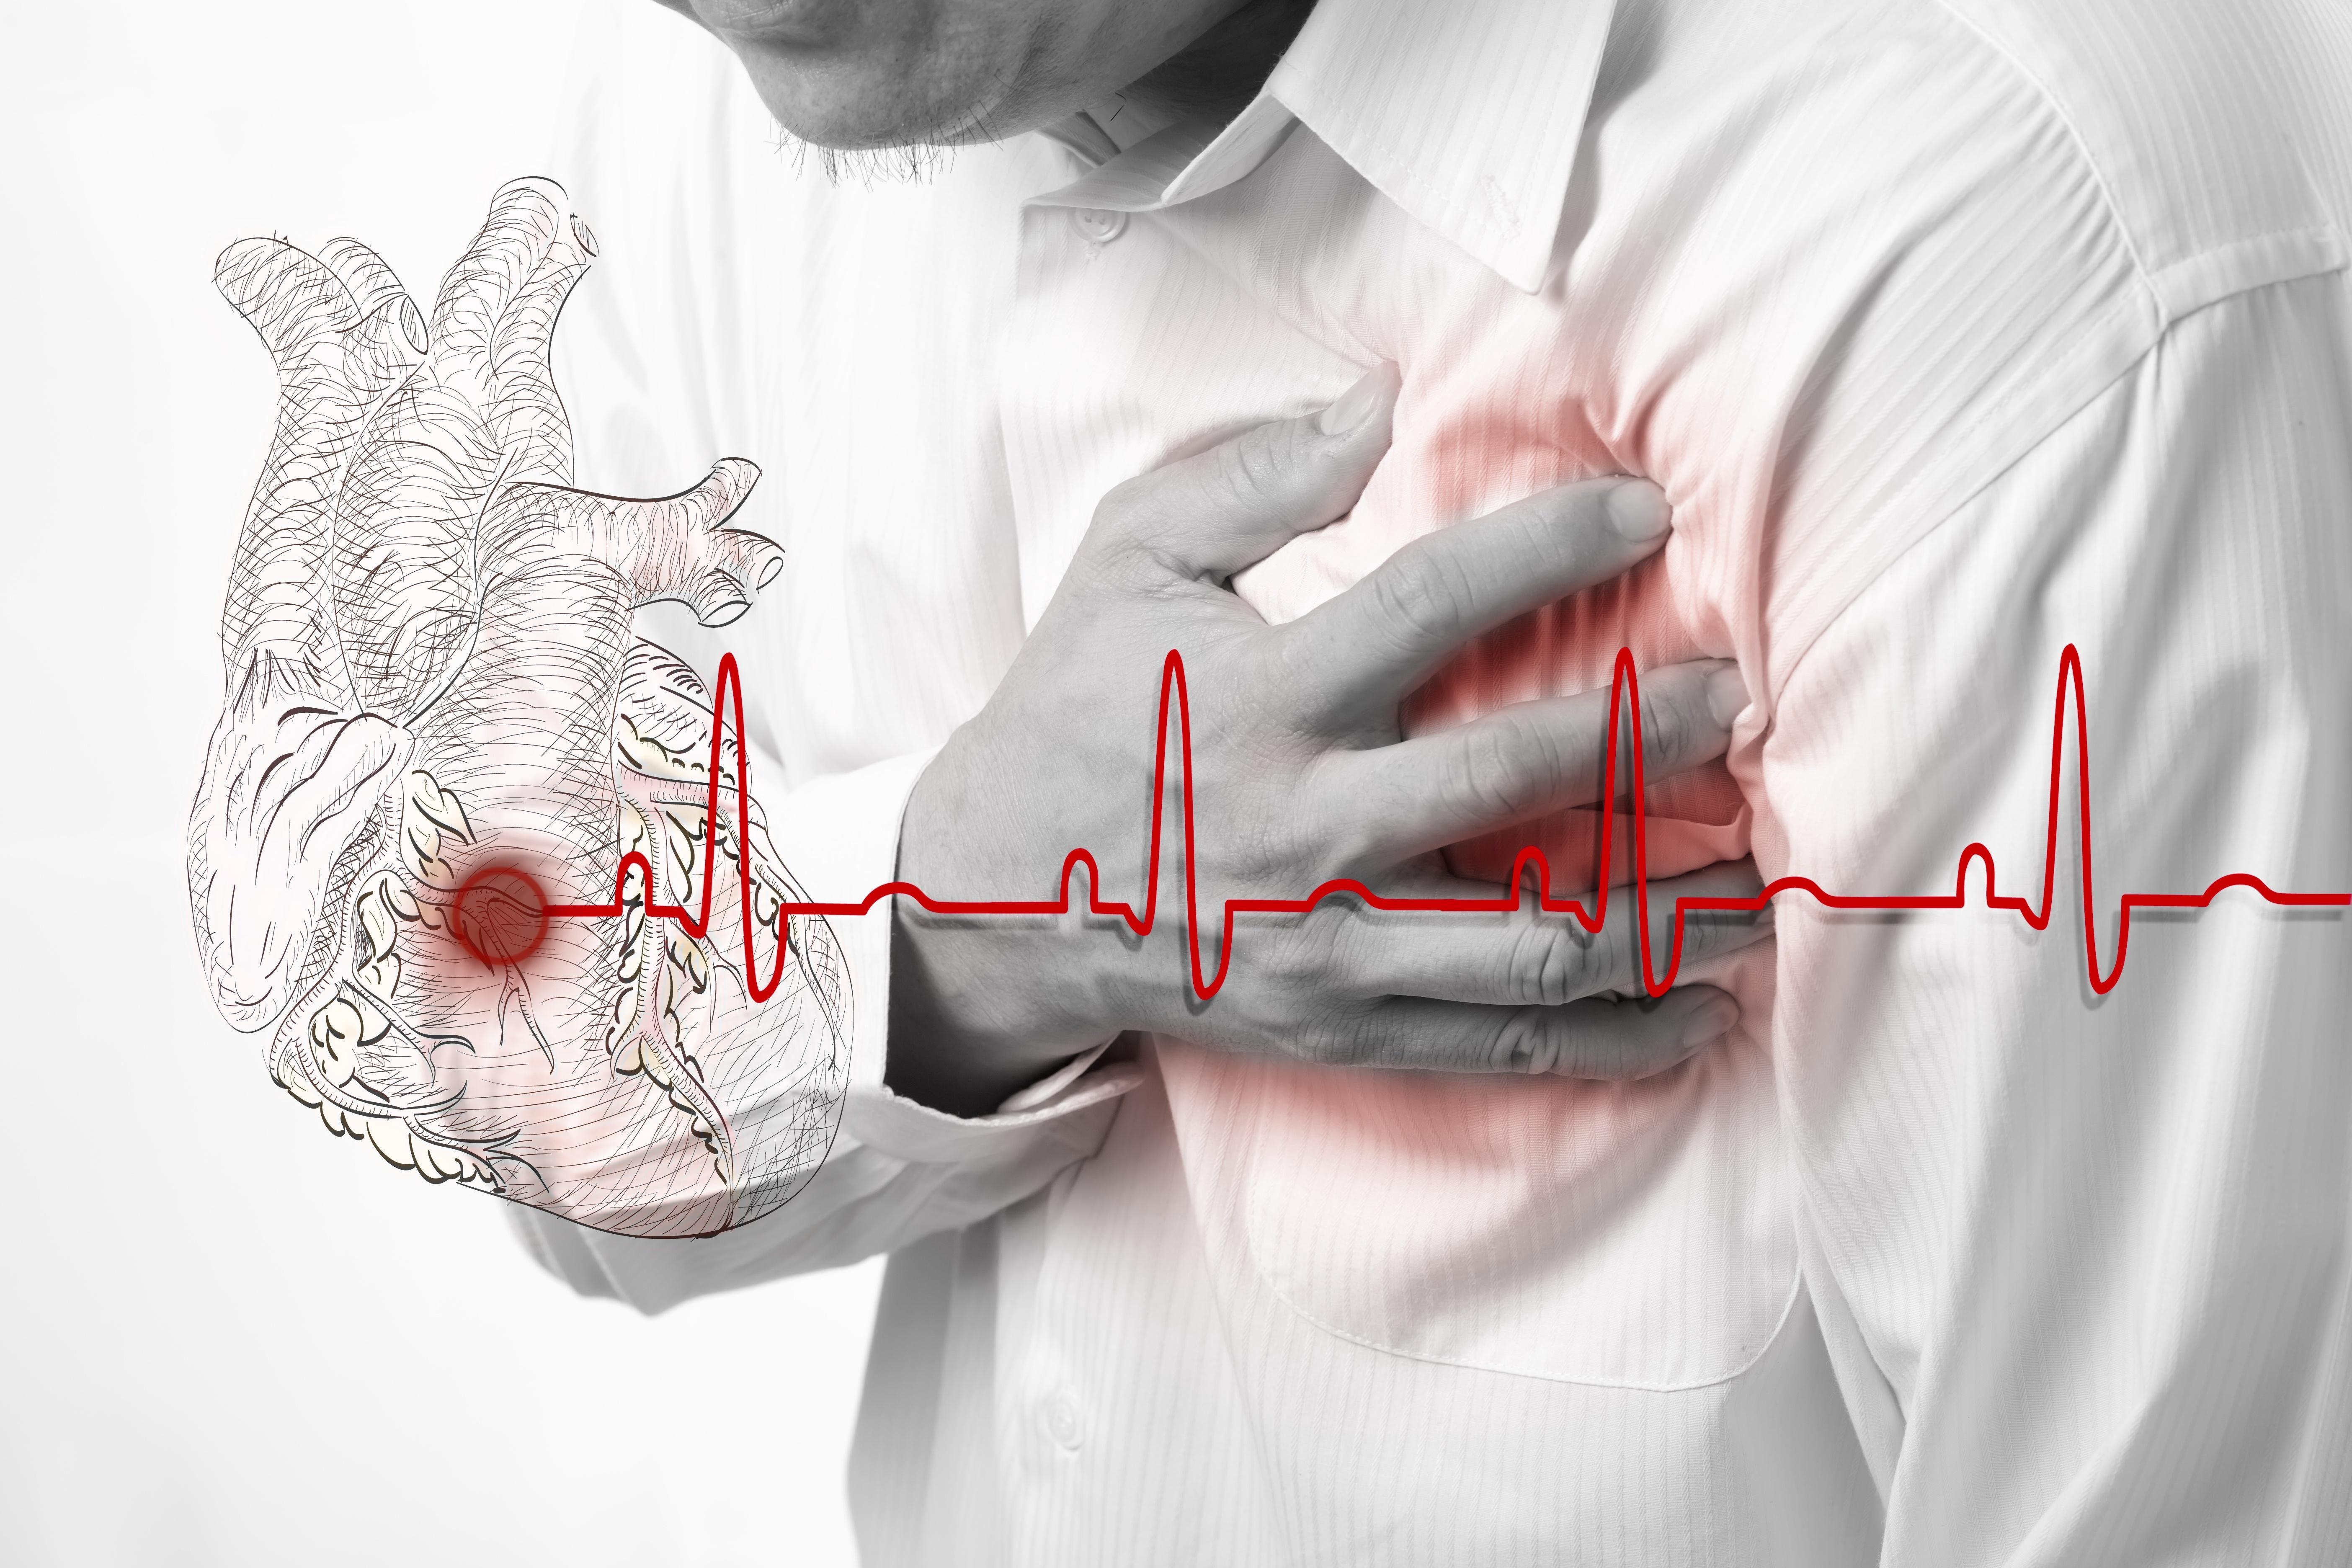 什么疾病引来的心脏危机?